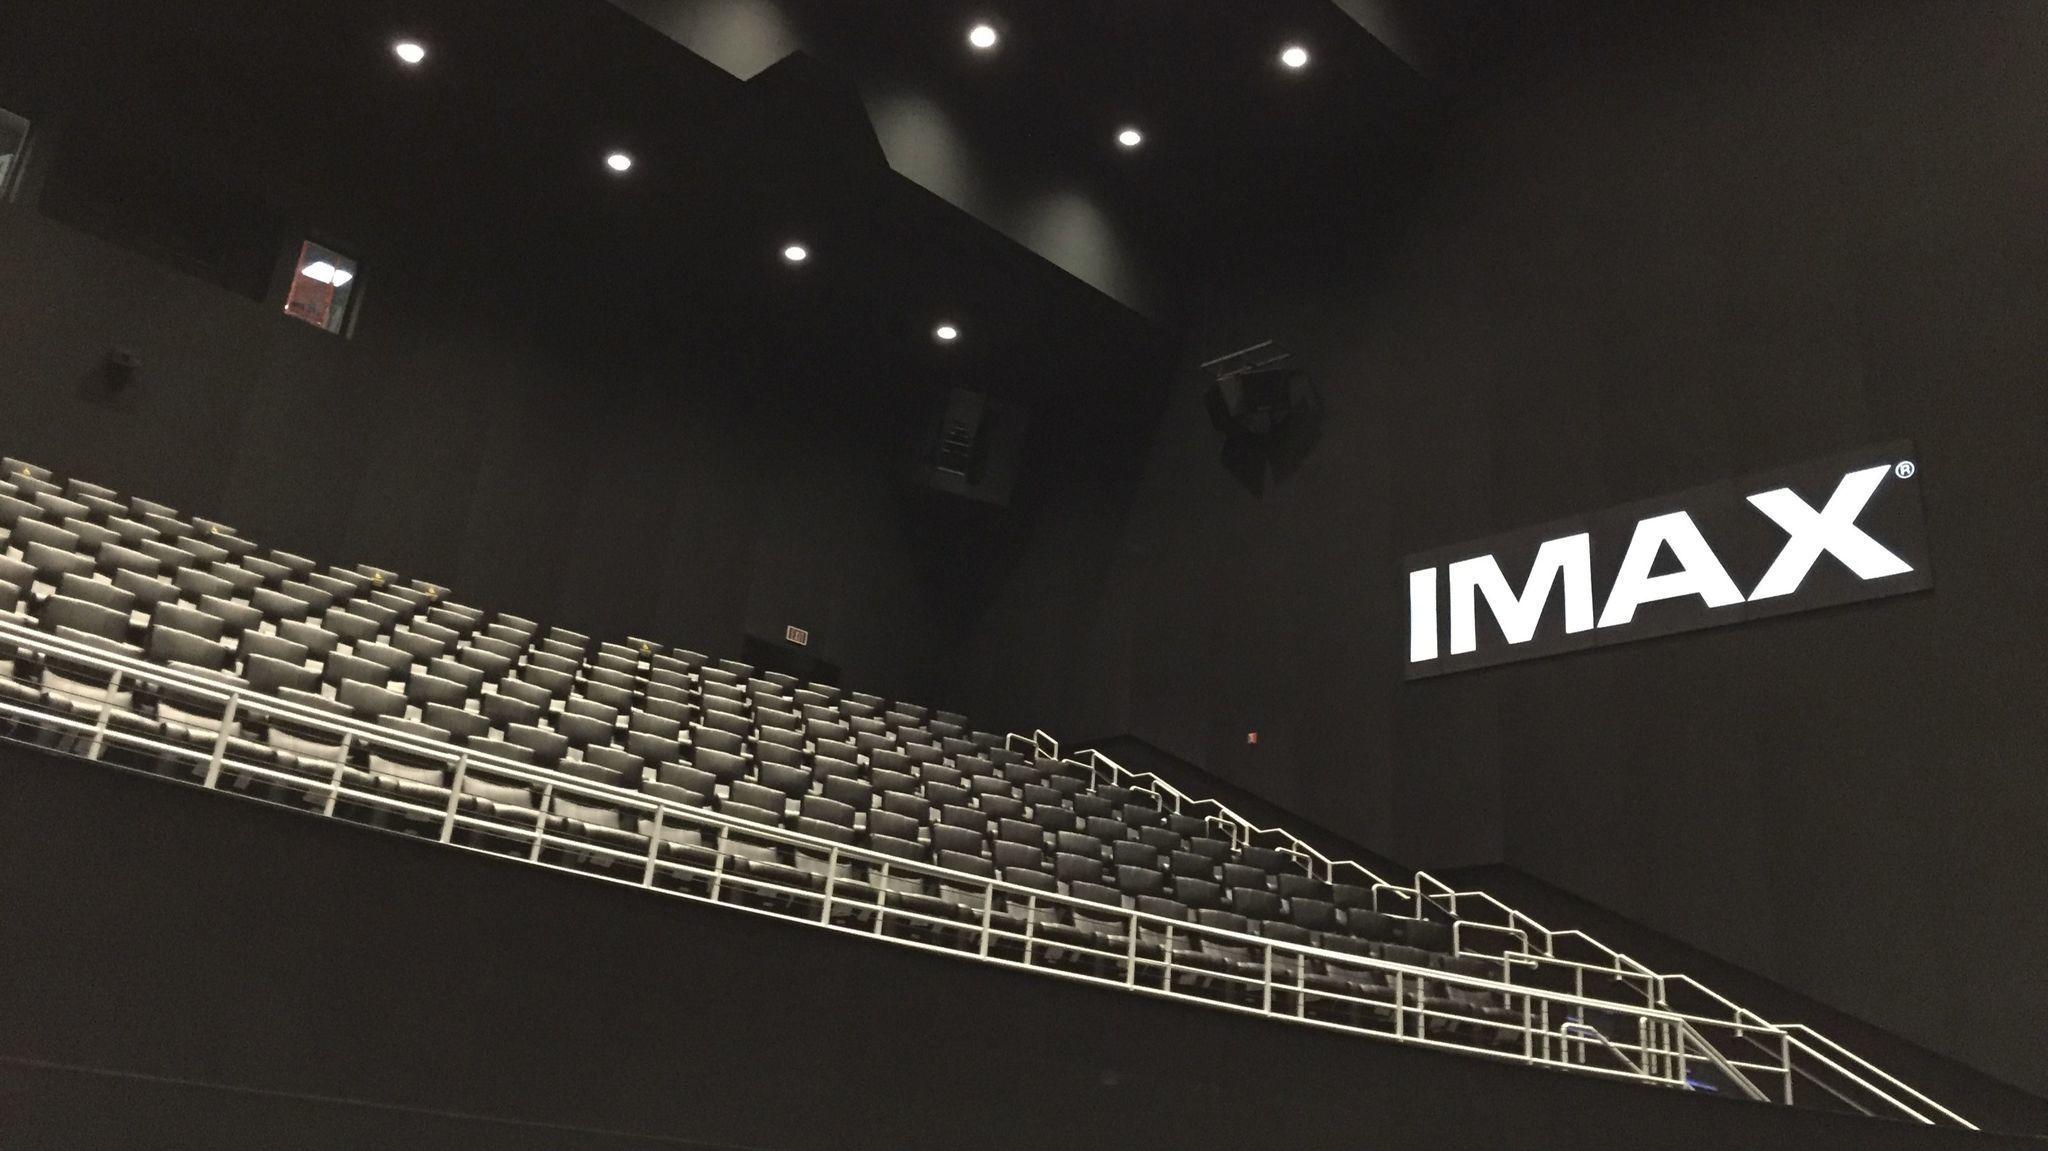 Movie theatre navy pier chicago